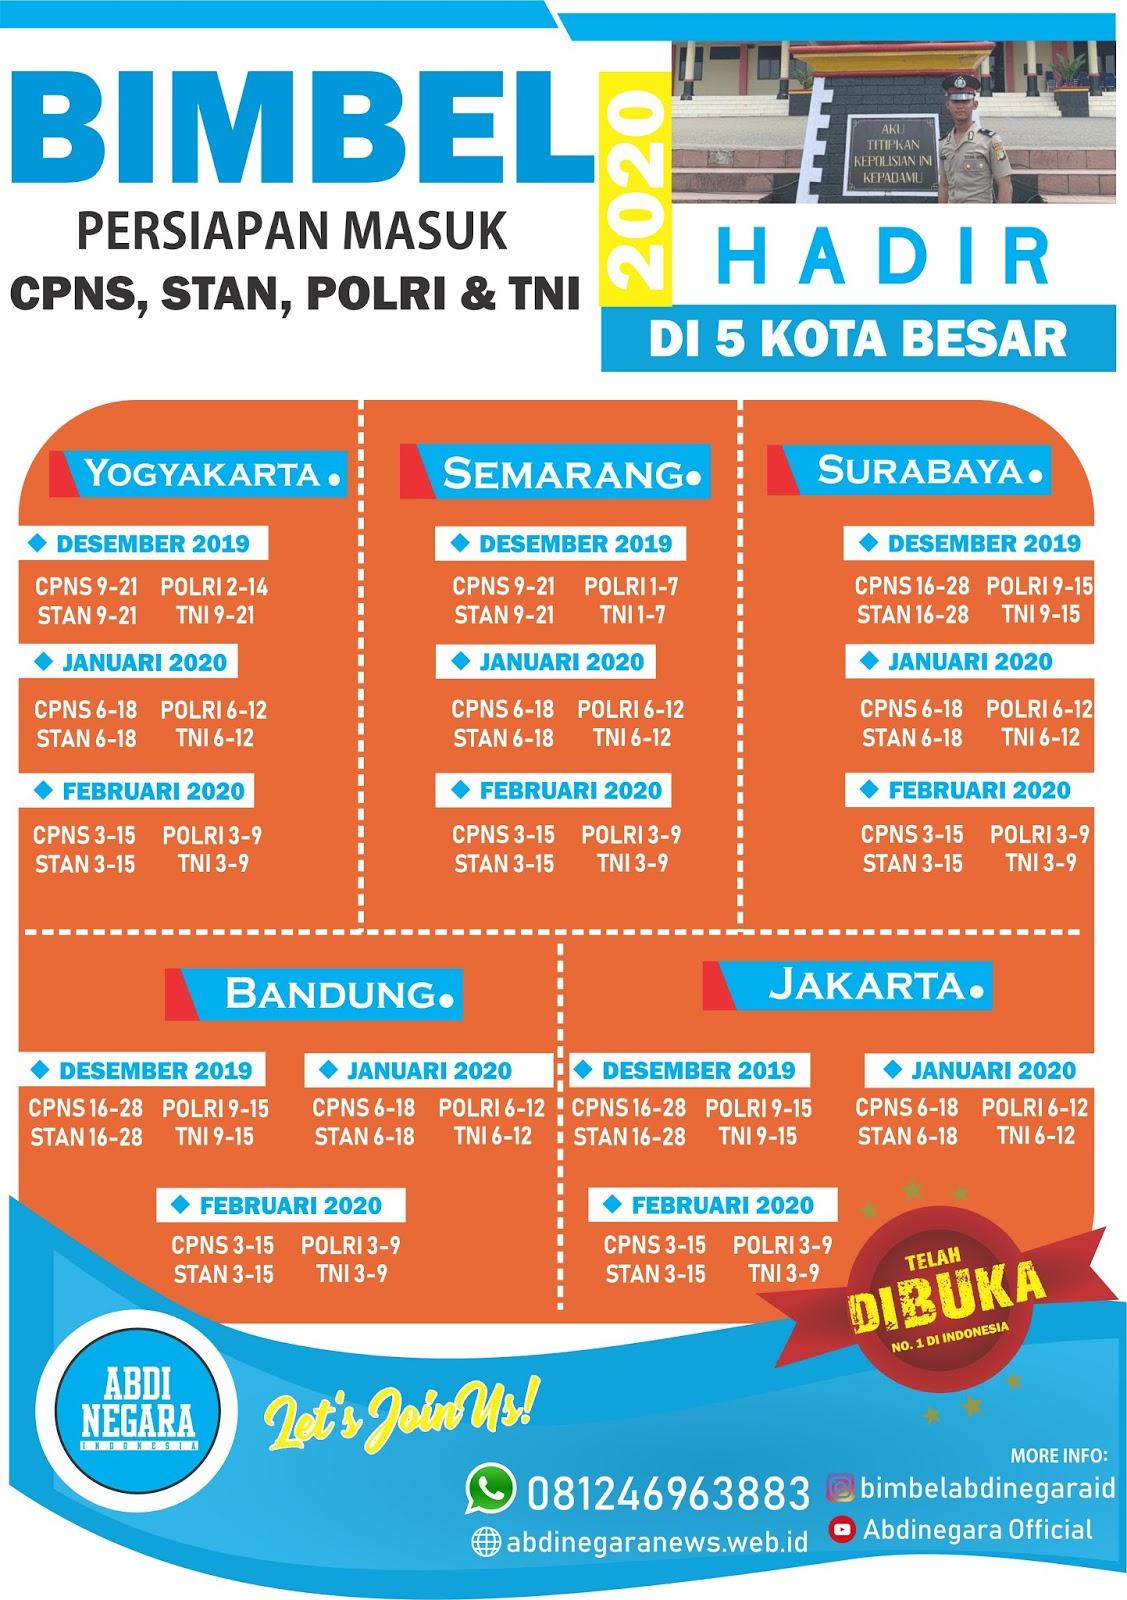 Bimbel CPNS STAN TNI Polri